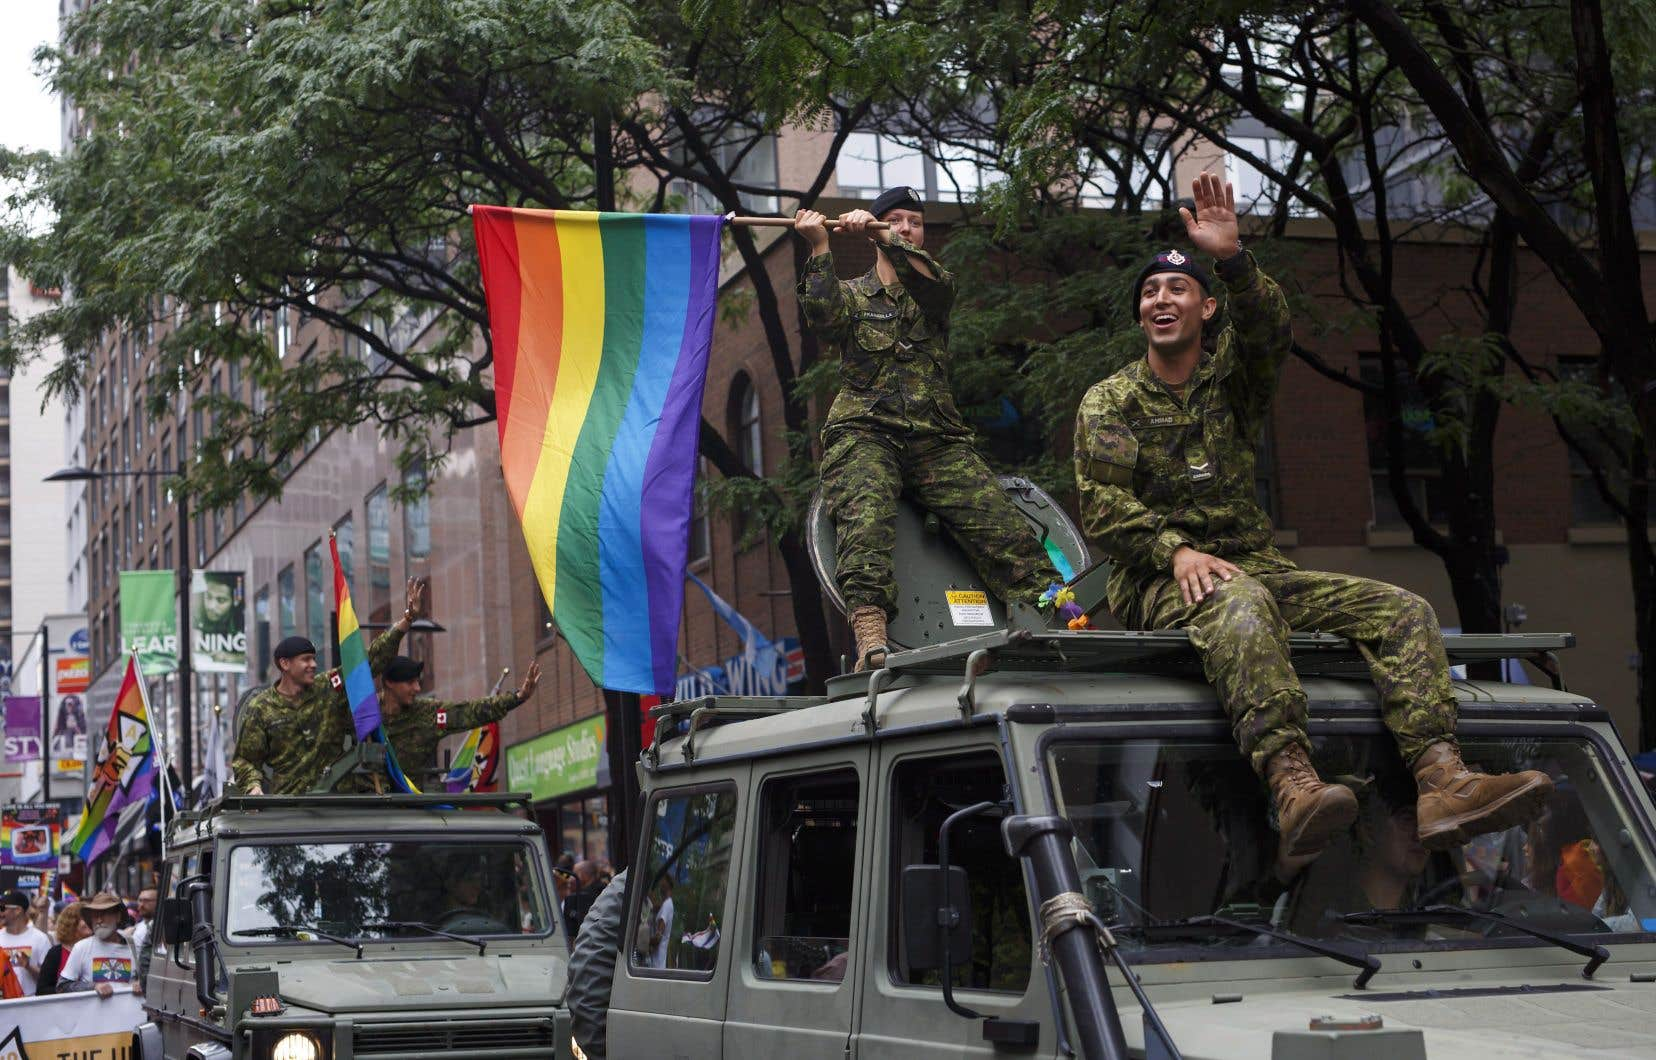 La foule a envahi les rues de Toronto, dimanche après-midi, pour prendre part au plus important défilé de la Fierté gaie au Canada.